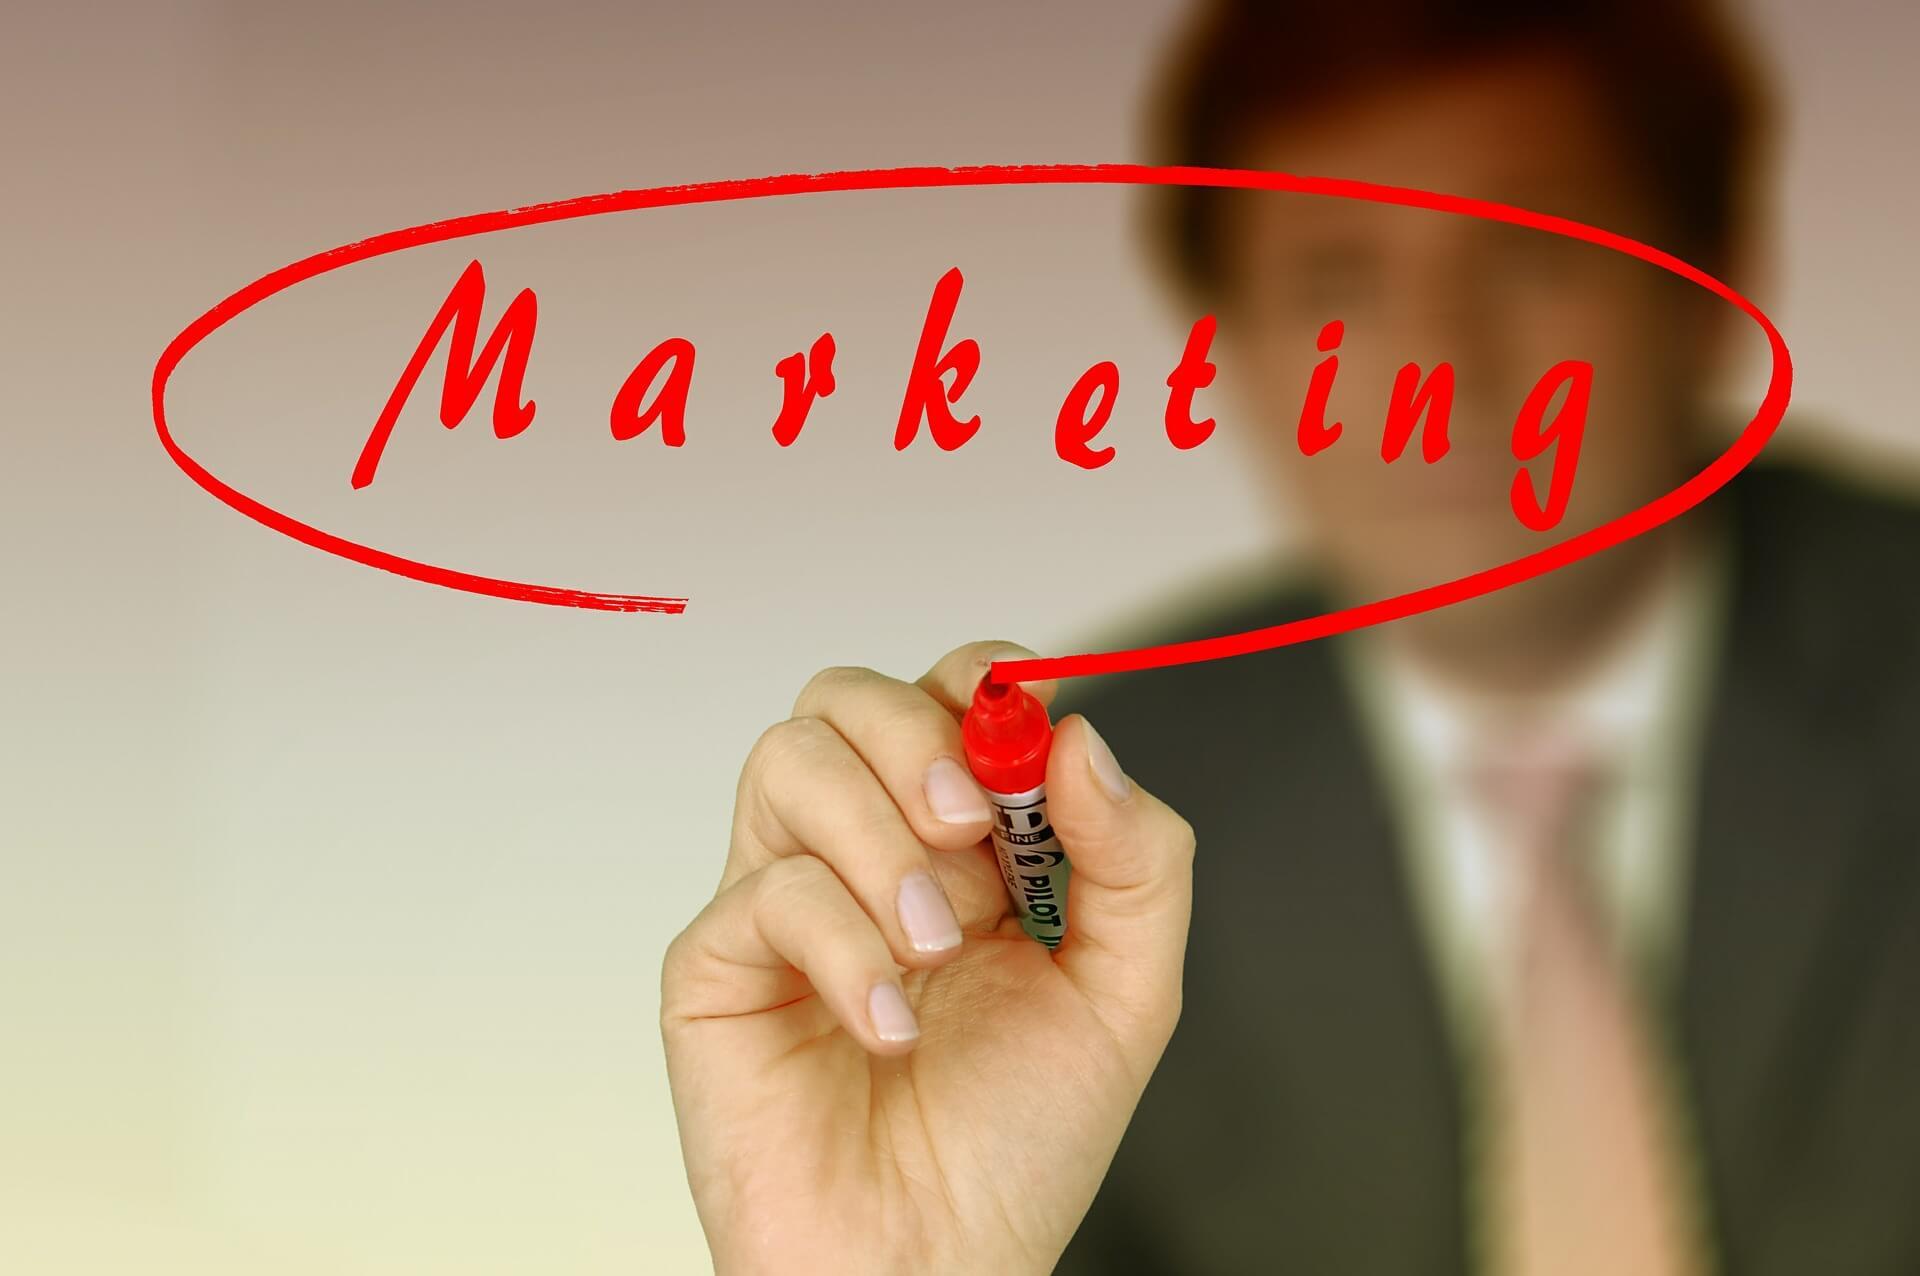 【売れる広告文戦略】ターゲットを魅了する広告文の作り方とは?